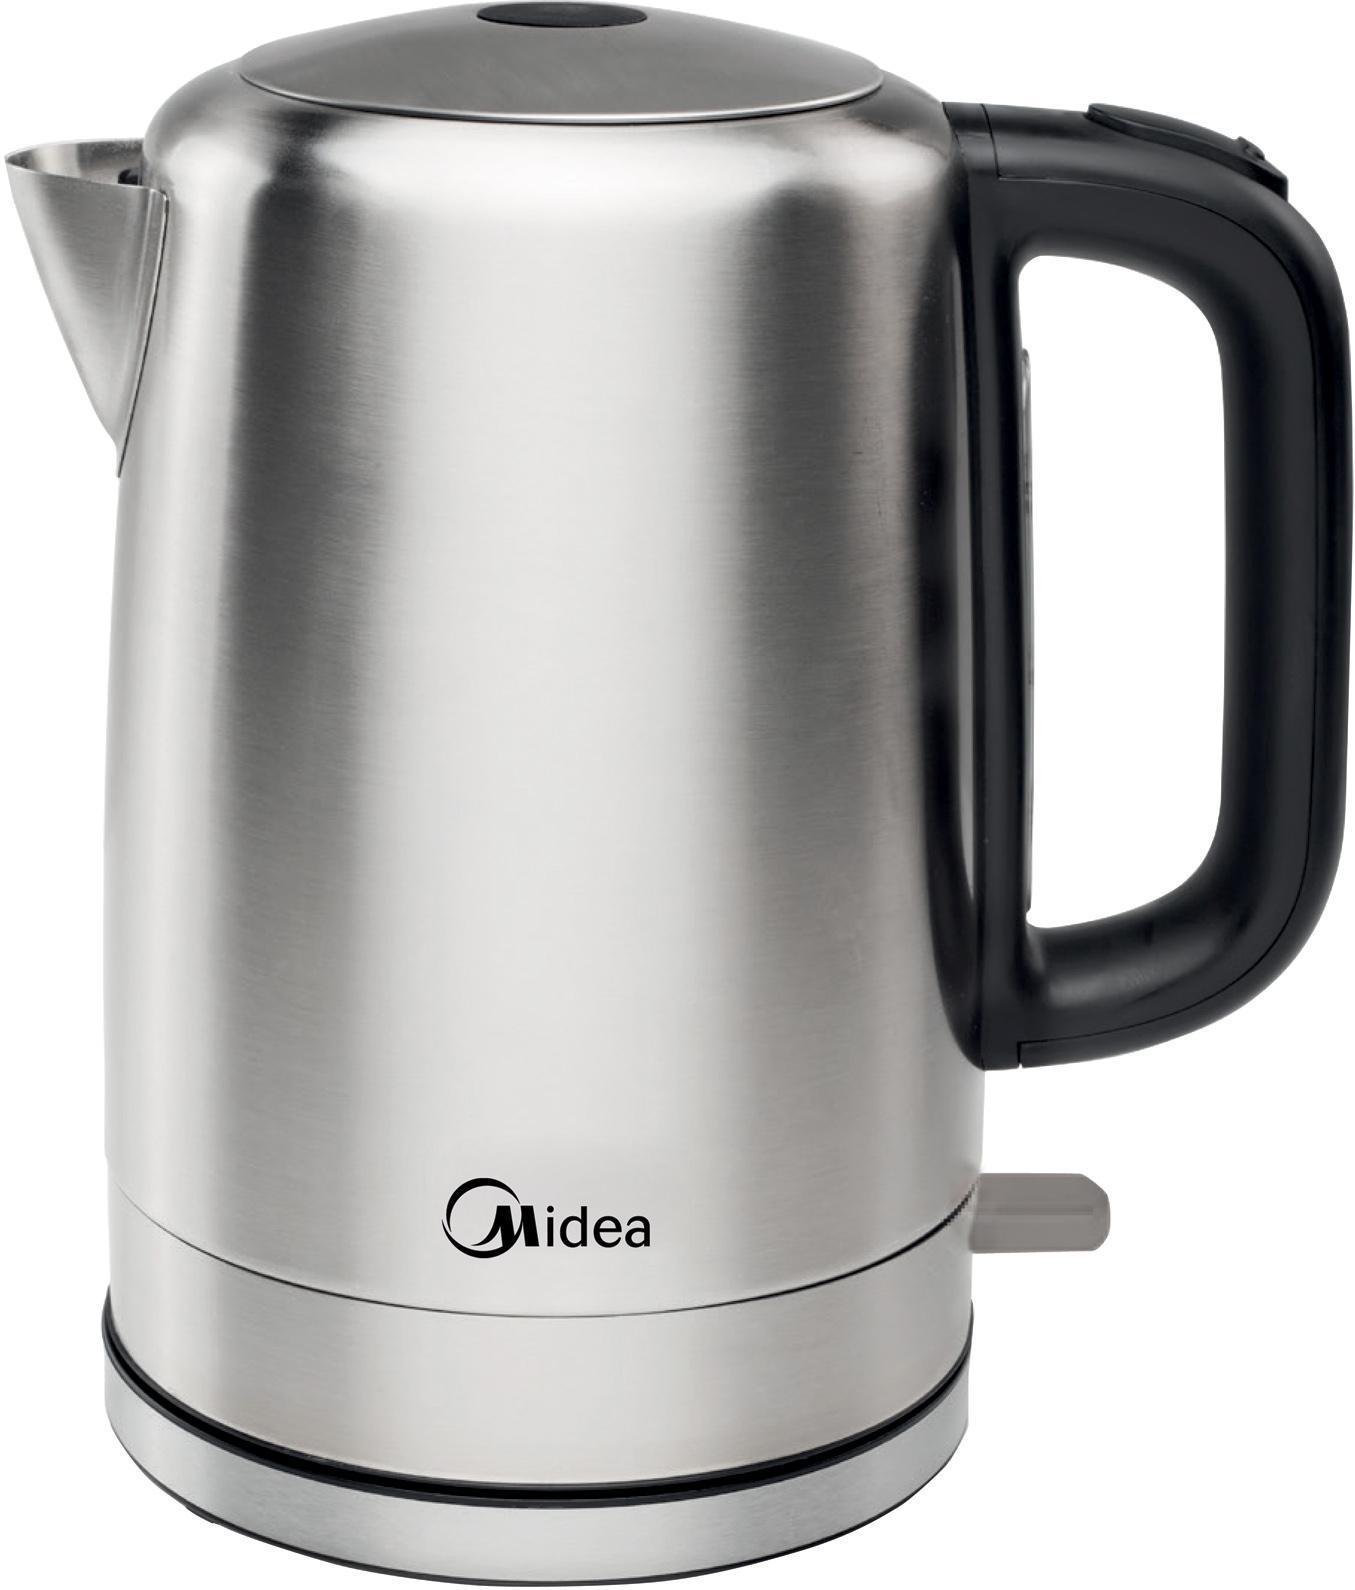 Midea MK-M317C2A-SS электрический чайникMK-M317C2A-SSУдобный чайник вместительностью 1,7 литра. Мощность составляет 2200 Вт. Корпус исполнен из нержавеющей стали. Индикатор включения. Удобный сматываемый шнур.